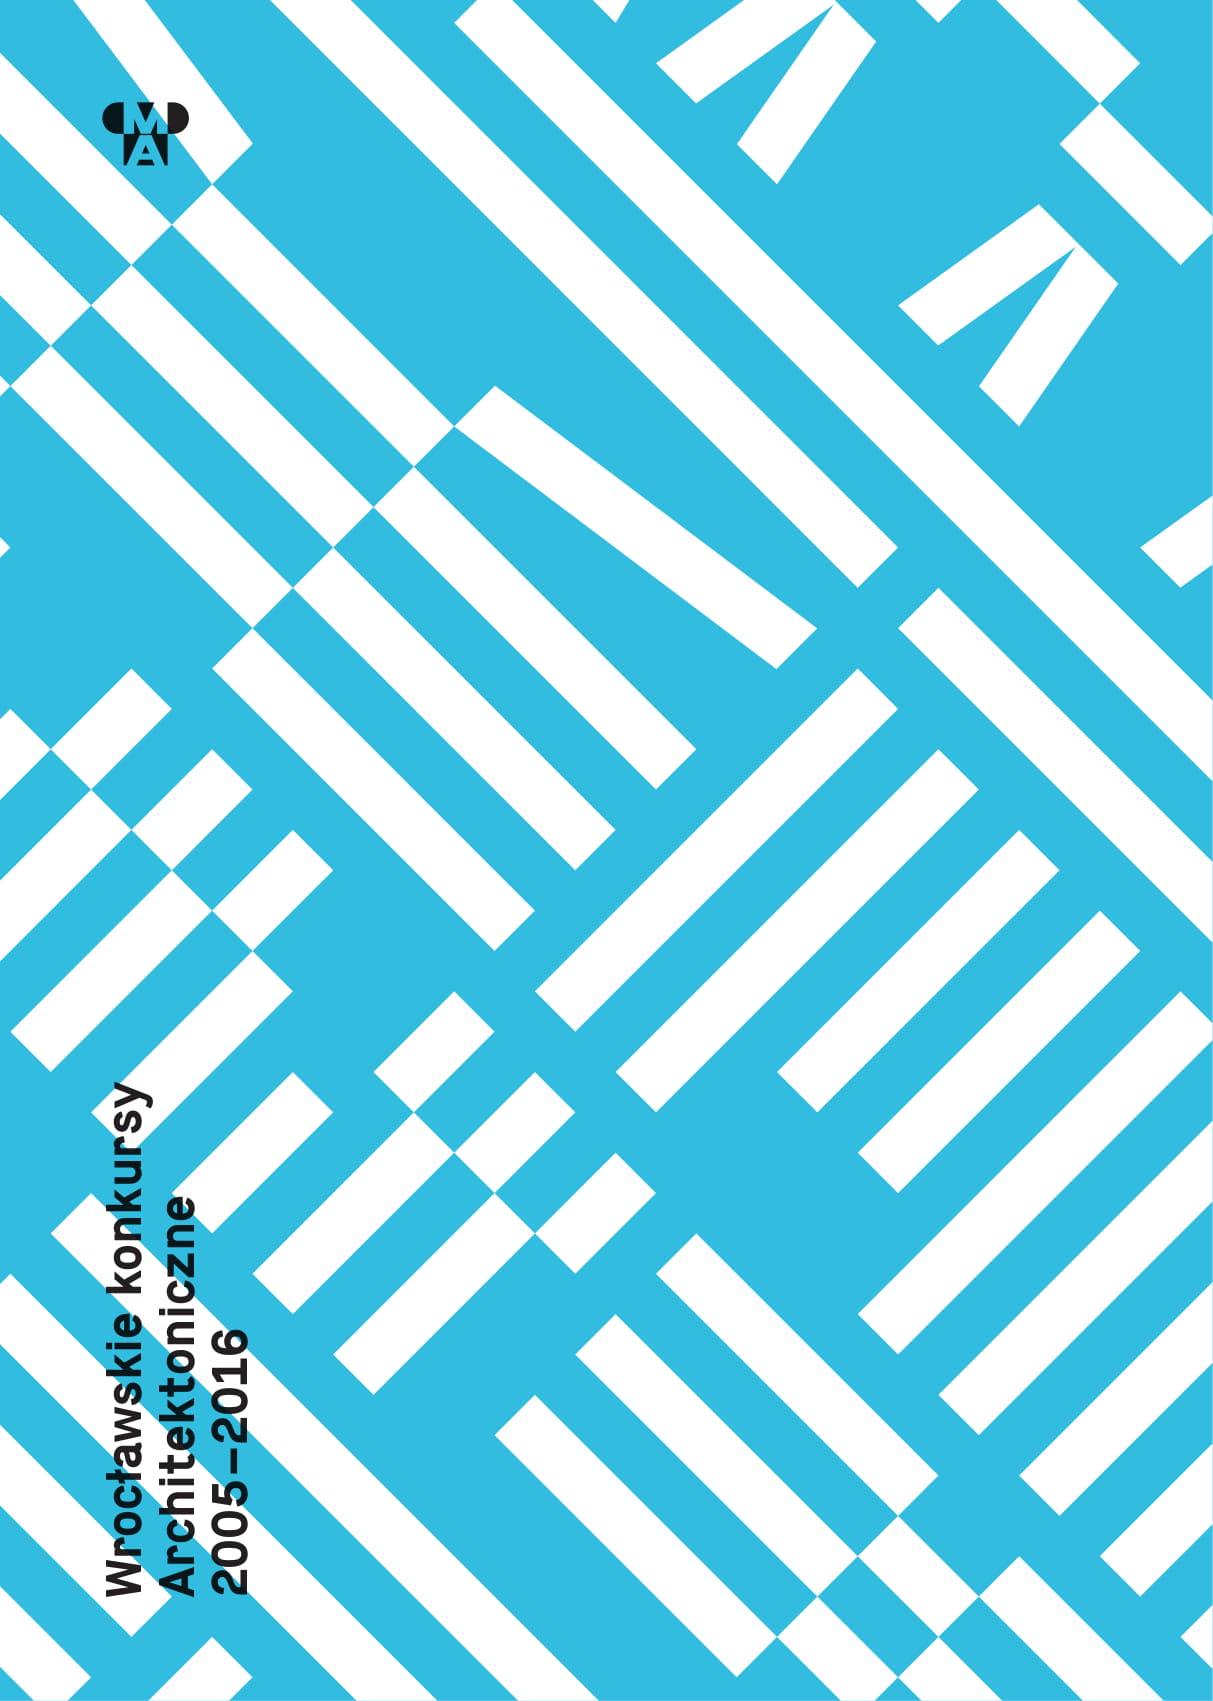 Wrocławskie konkursy architektoniczne 2005–2016 (źródło: materiały prasowe organizatora)